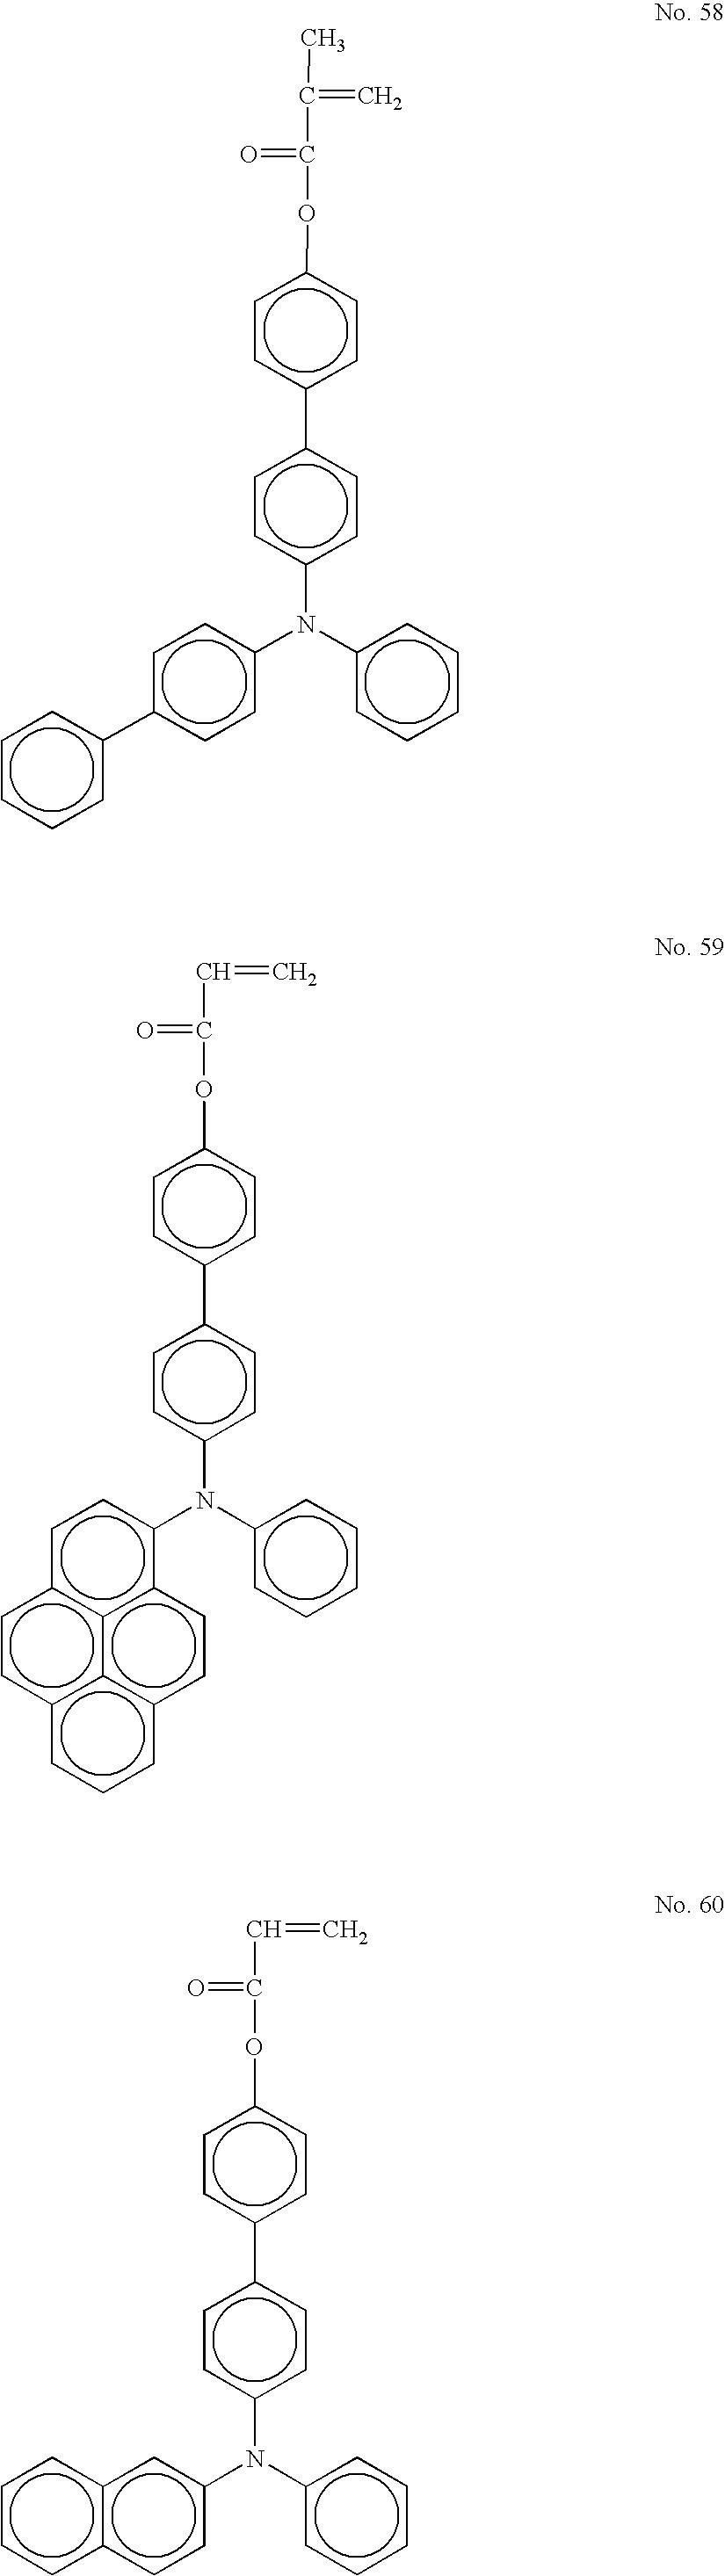 Figure US20040253527A1-20041216-C00031